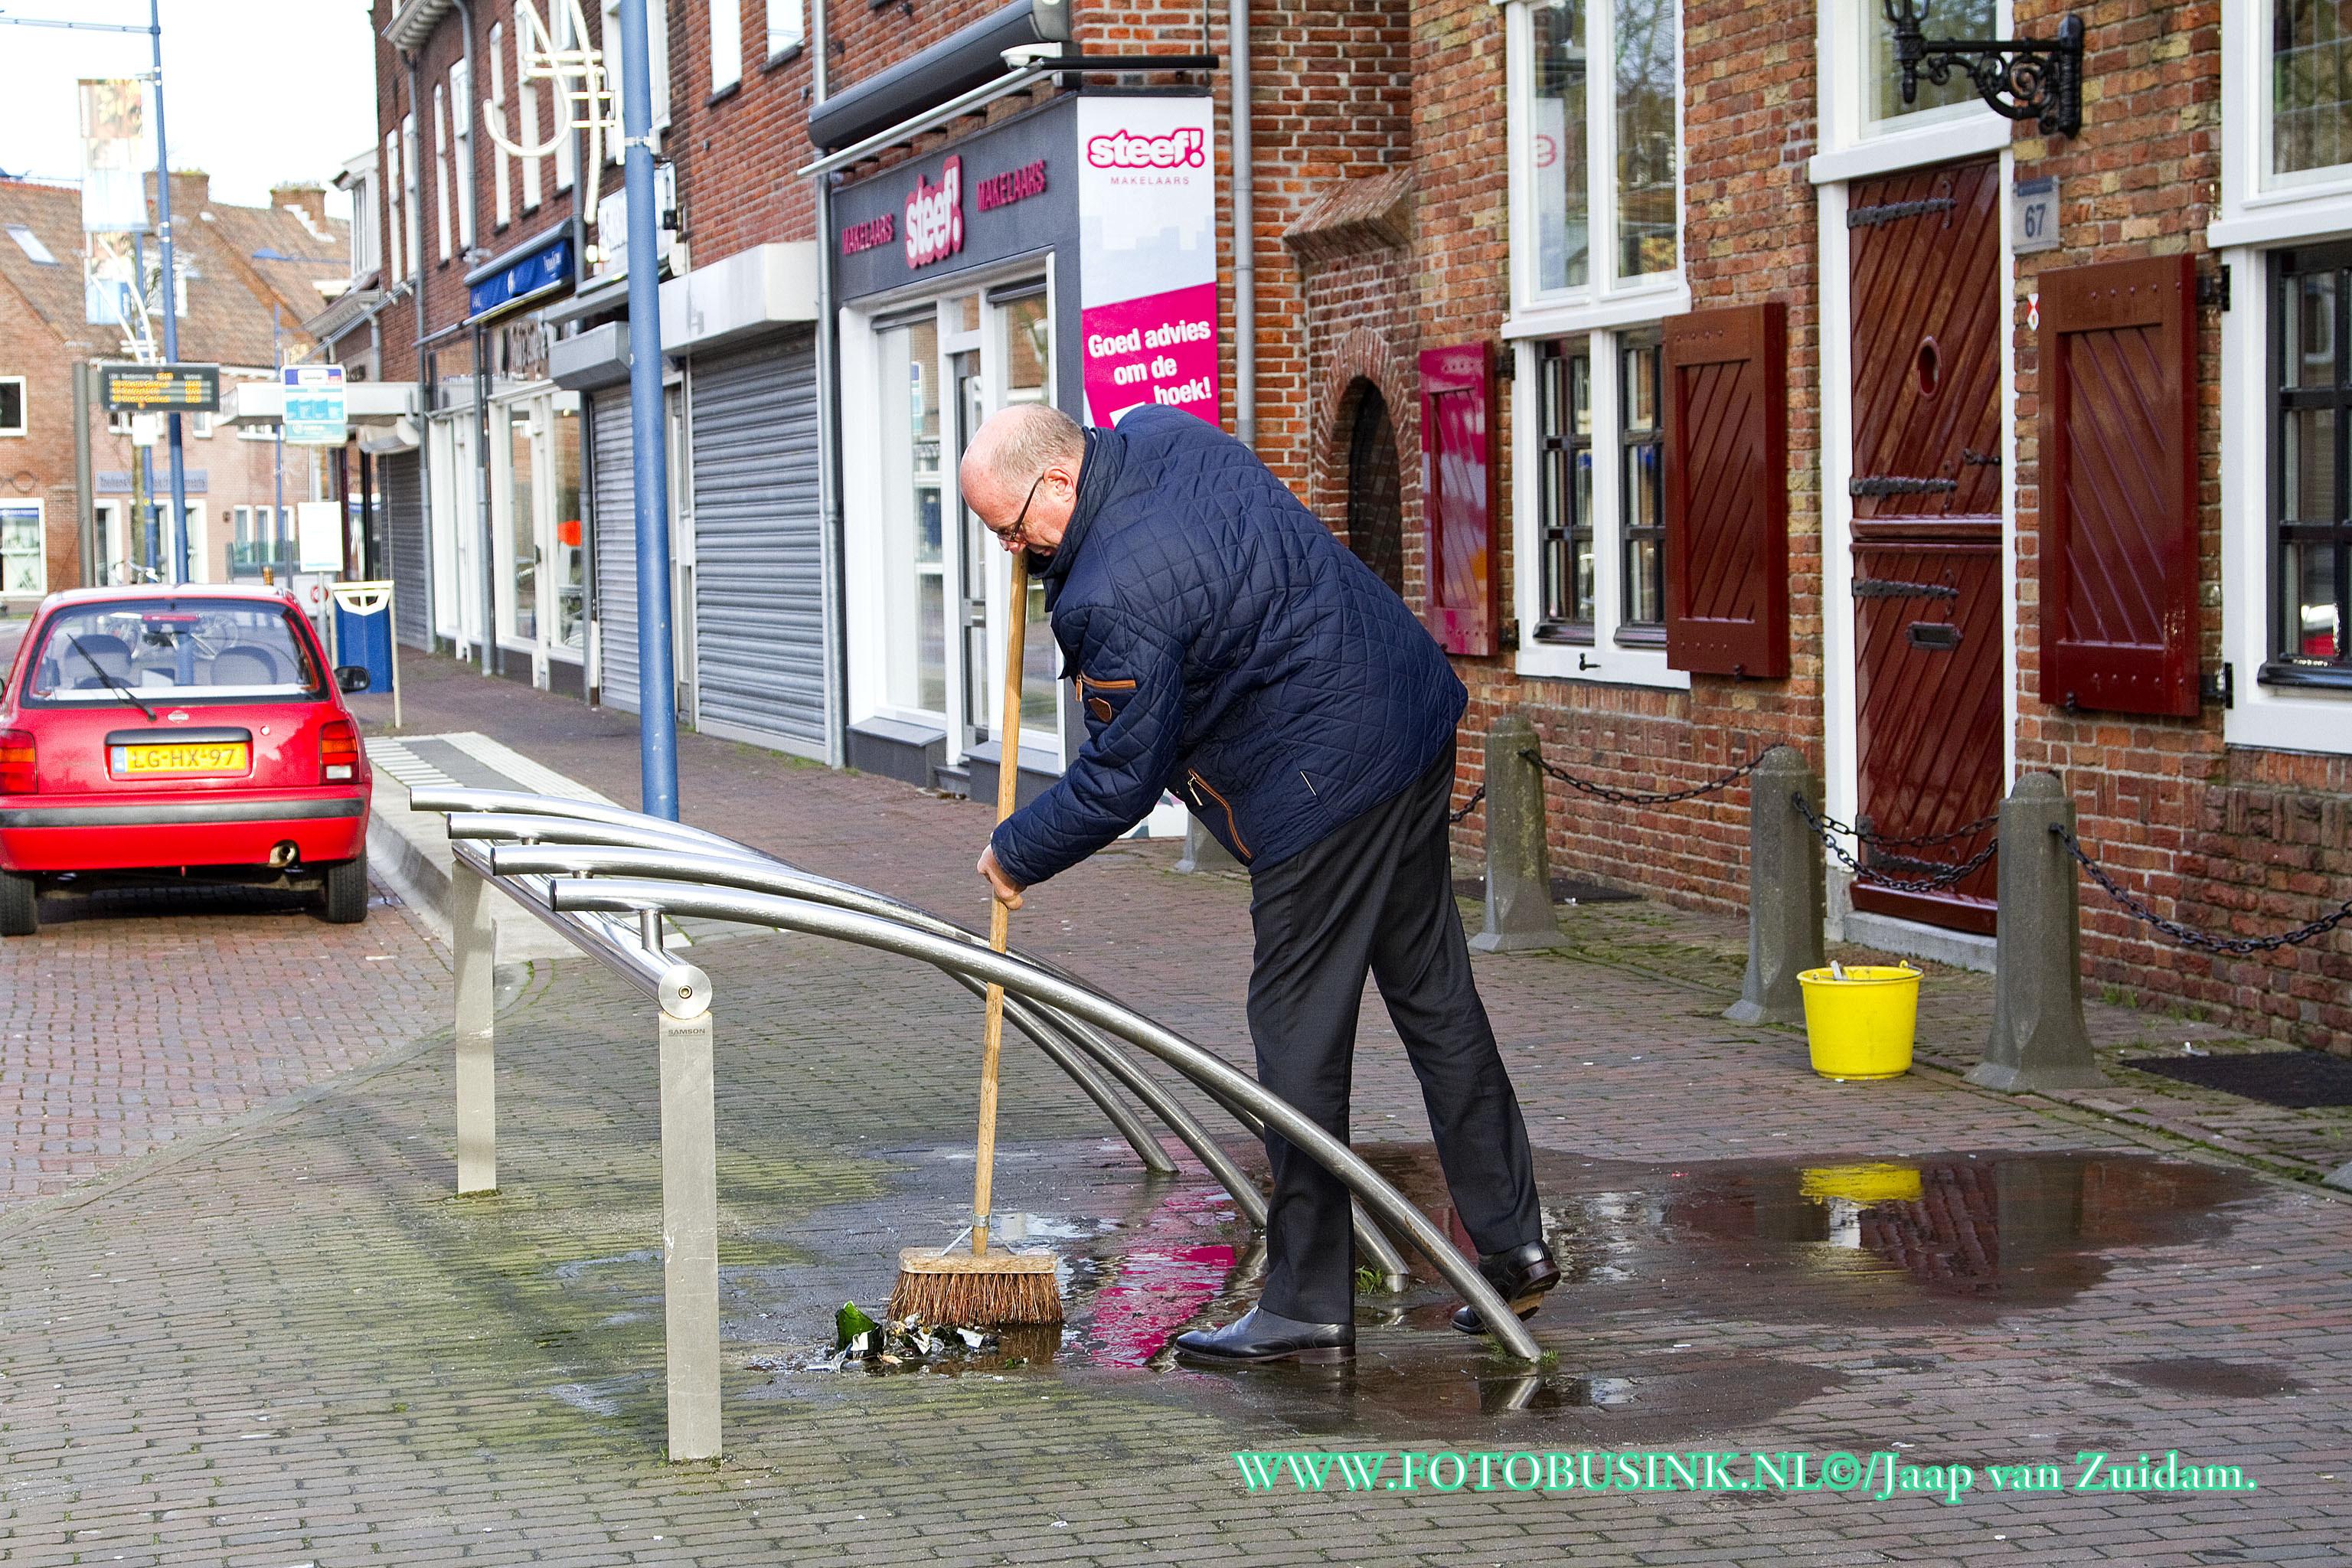 Winkelier veegt op nieuwjaarsdag de straat schoon.